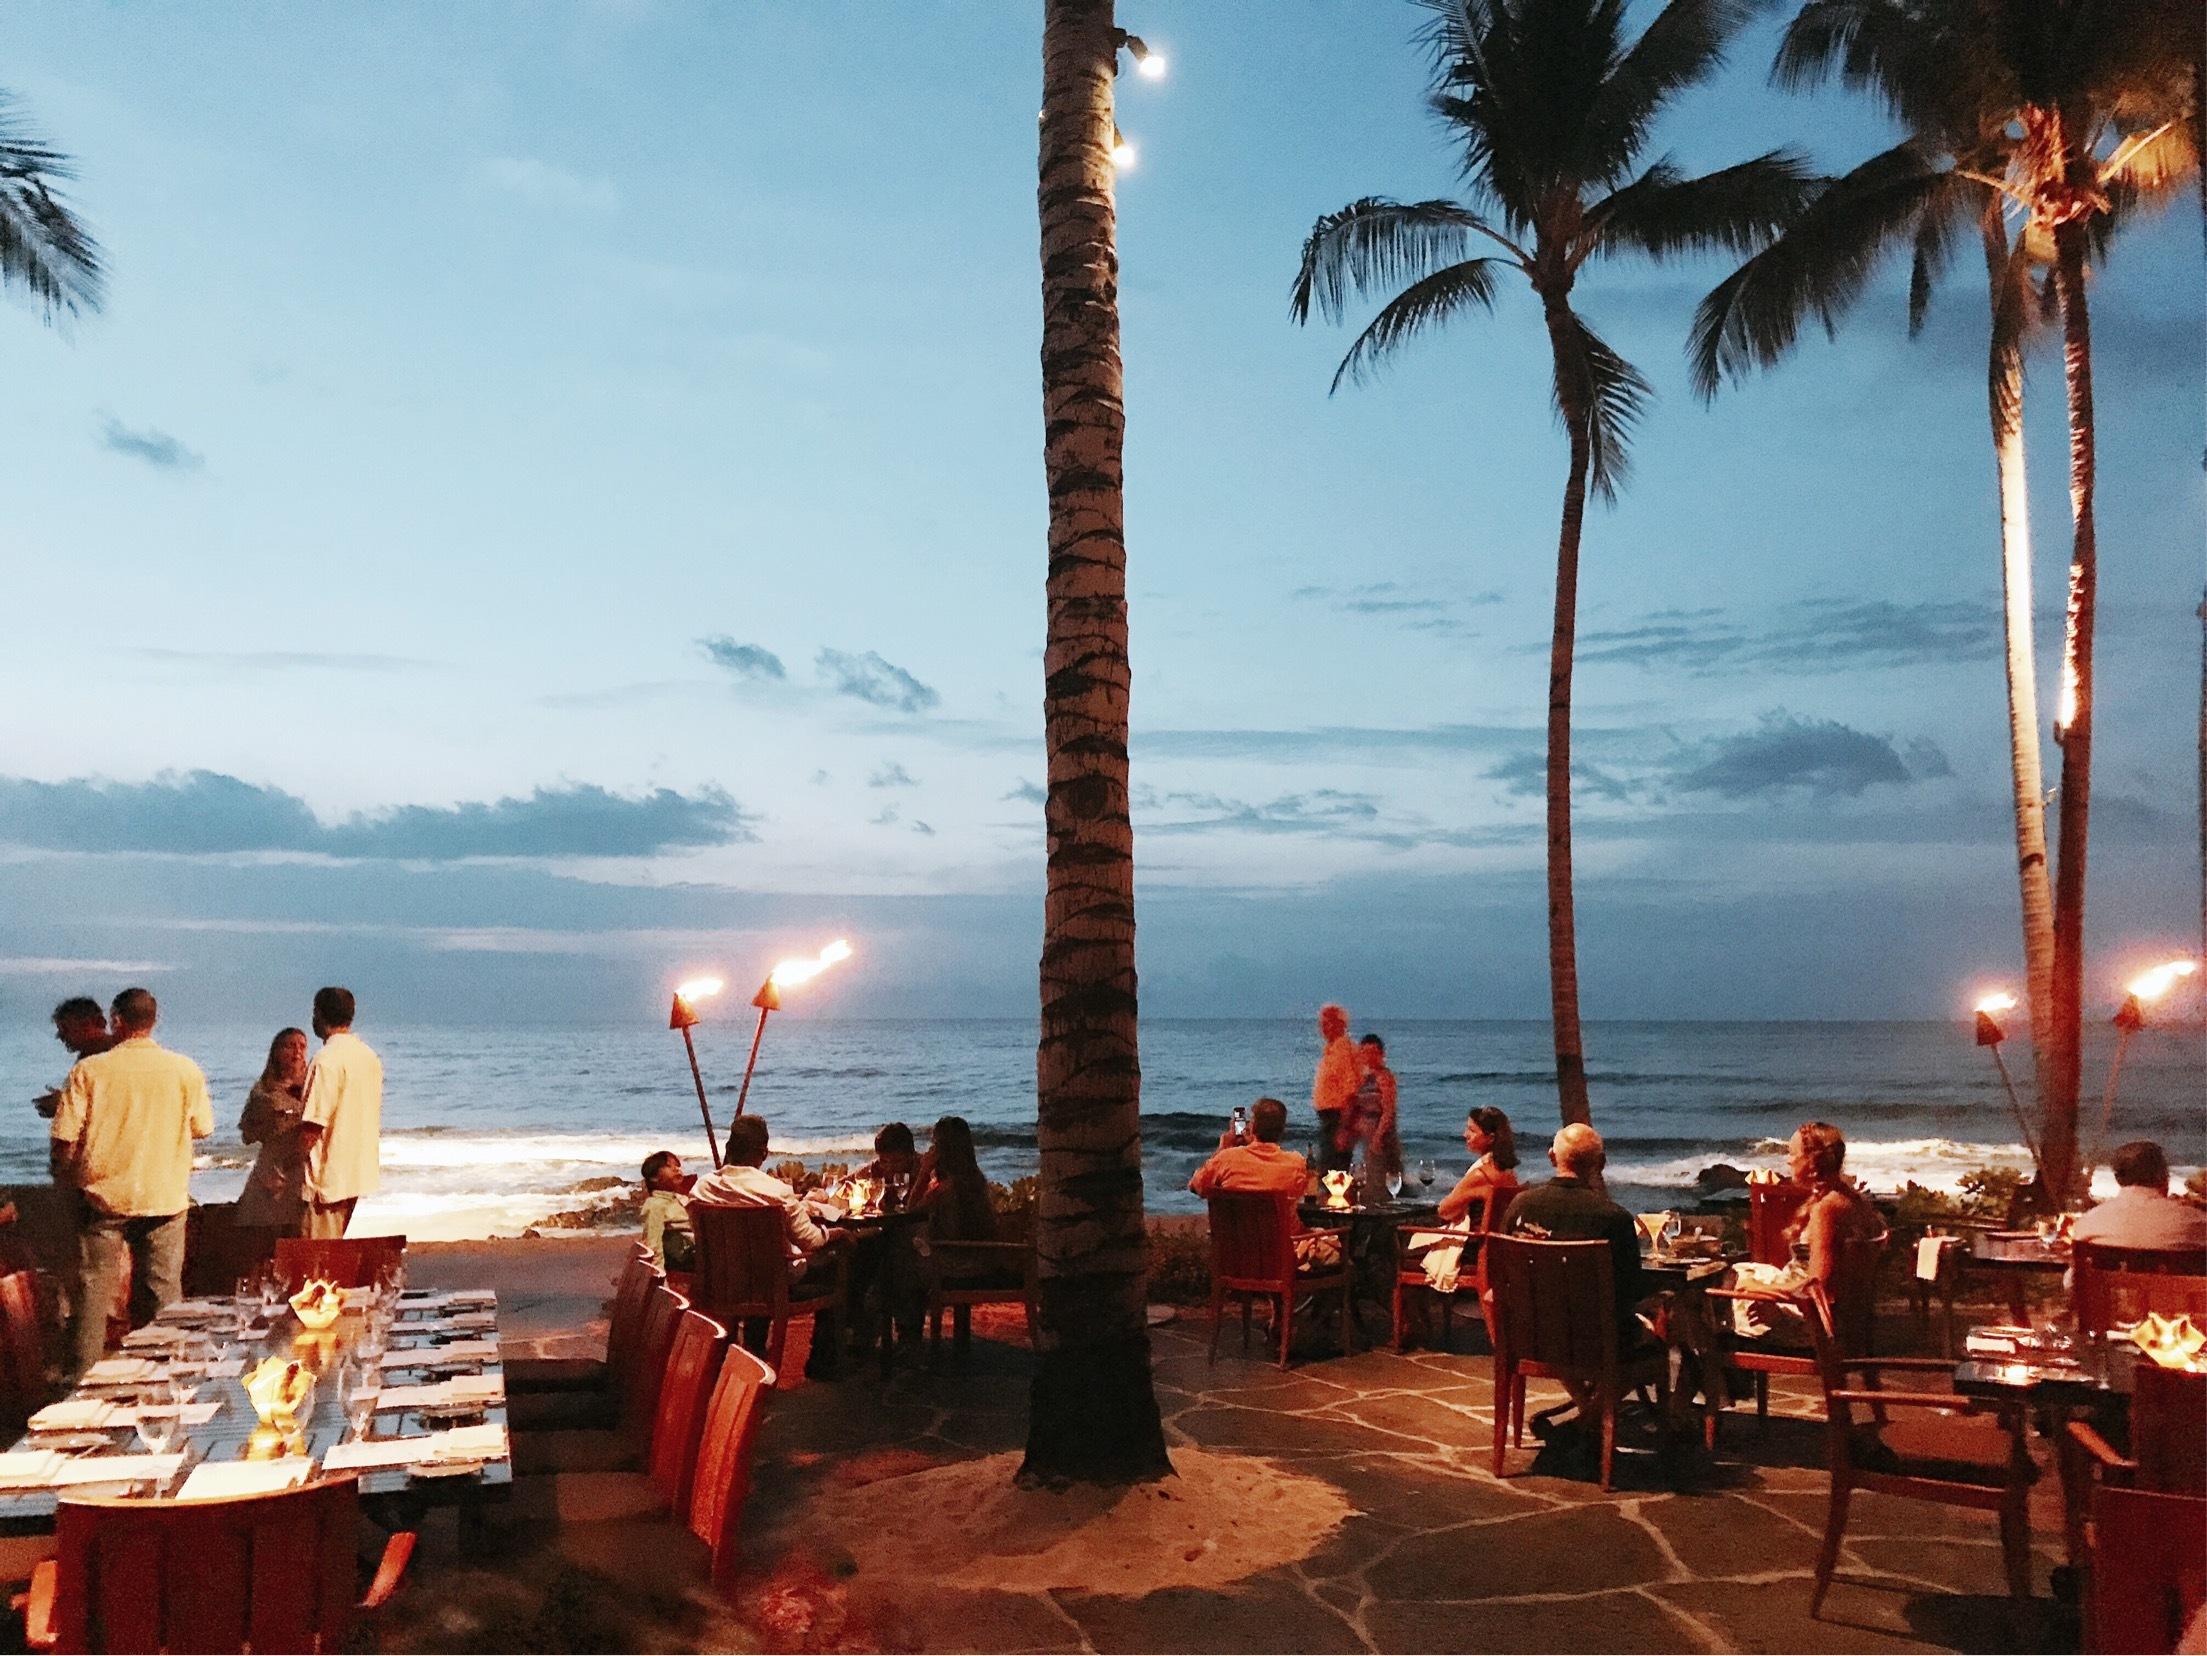 大人の魅力満載、はじめてのハワイ島で至福のひとときを…後編_1_2